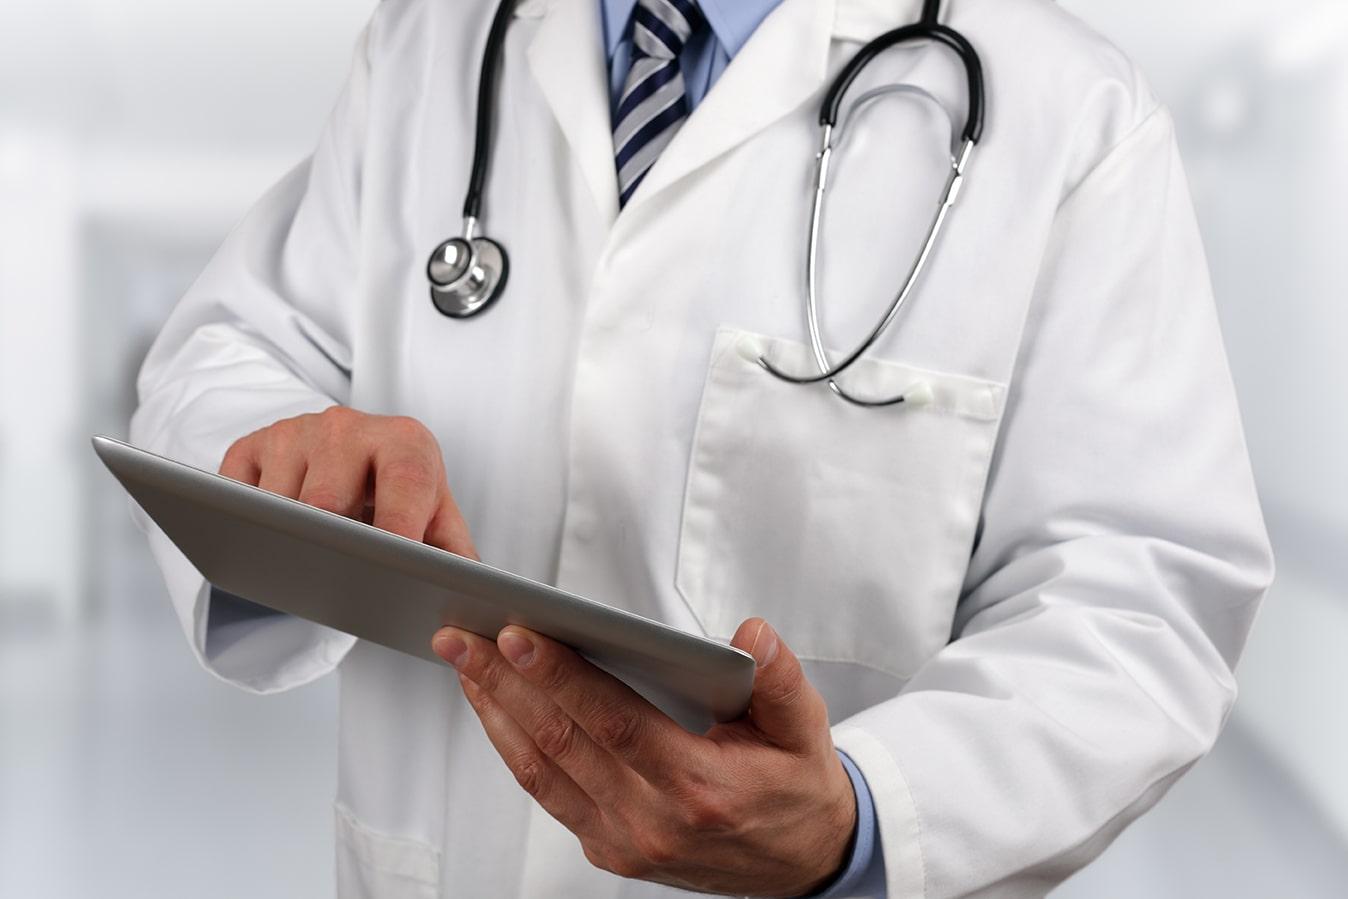 Merak MyMerak advantage medical manage